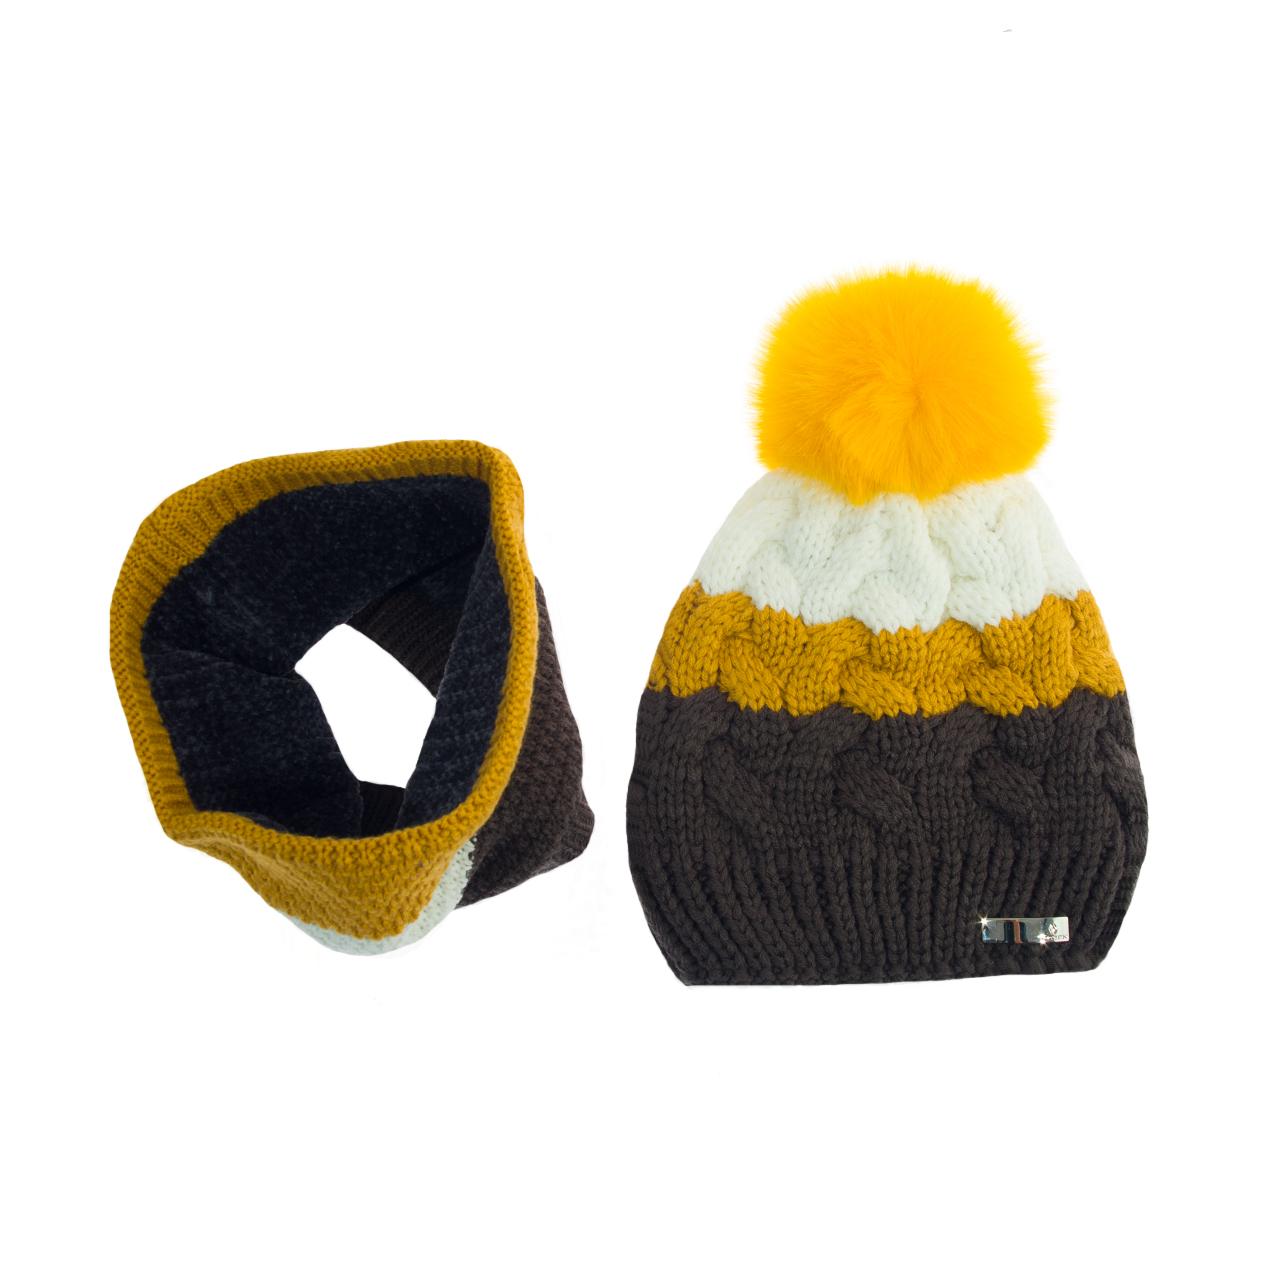 ست کلاه و شال گردن بافتنی تارتن کد 20018